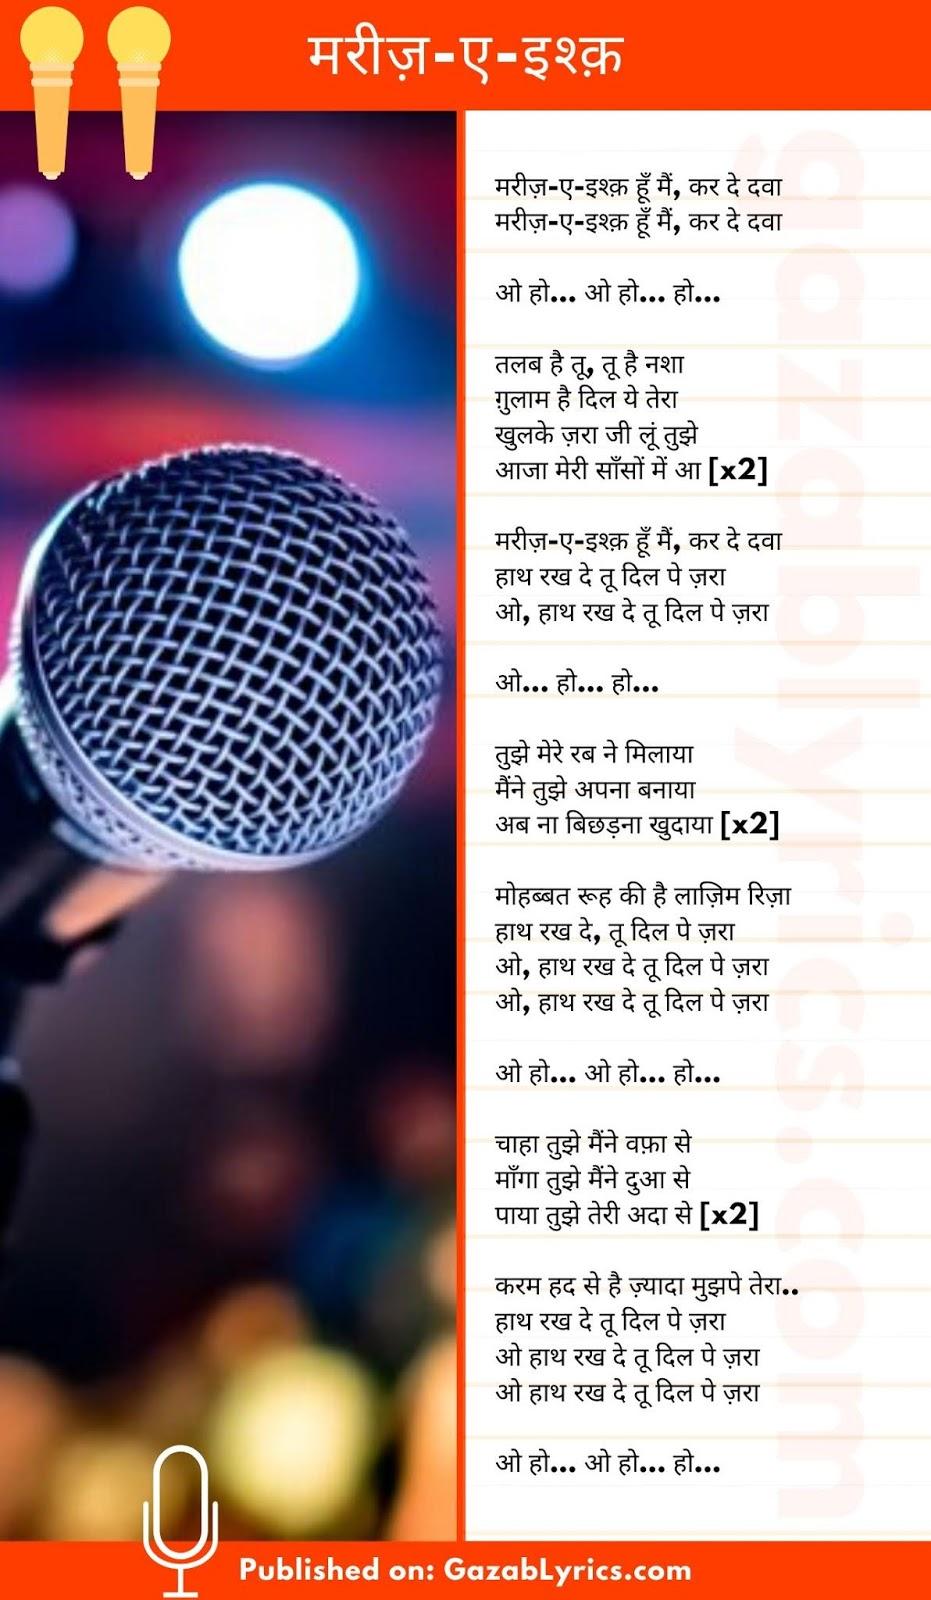 Mareez-e-Ishq song lyrics image